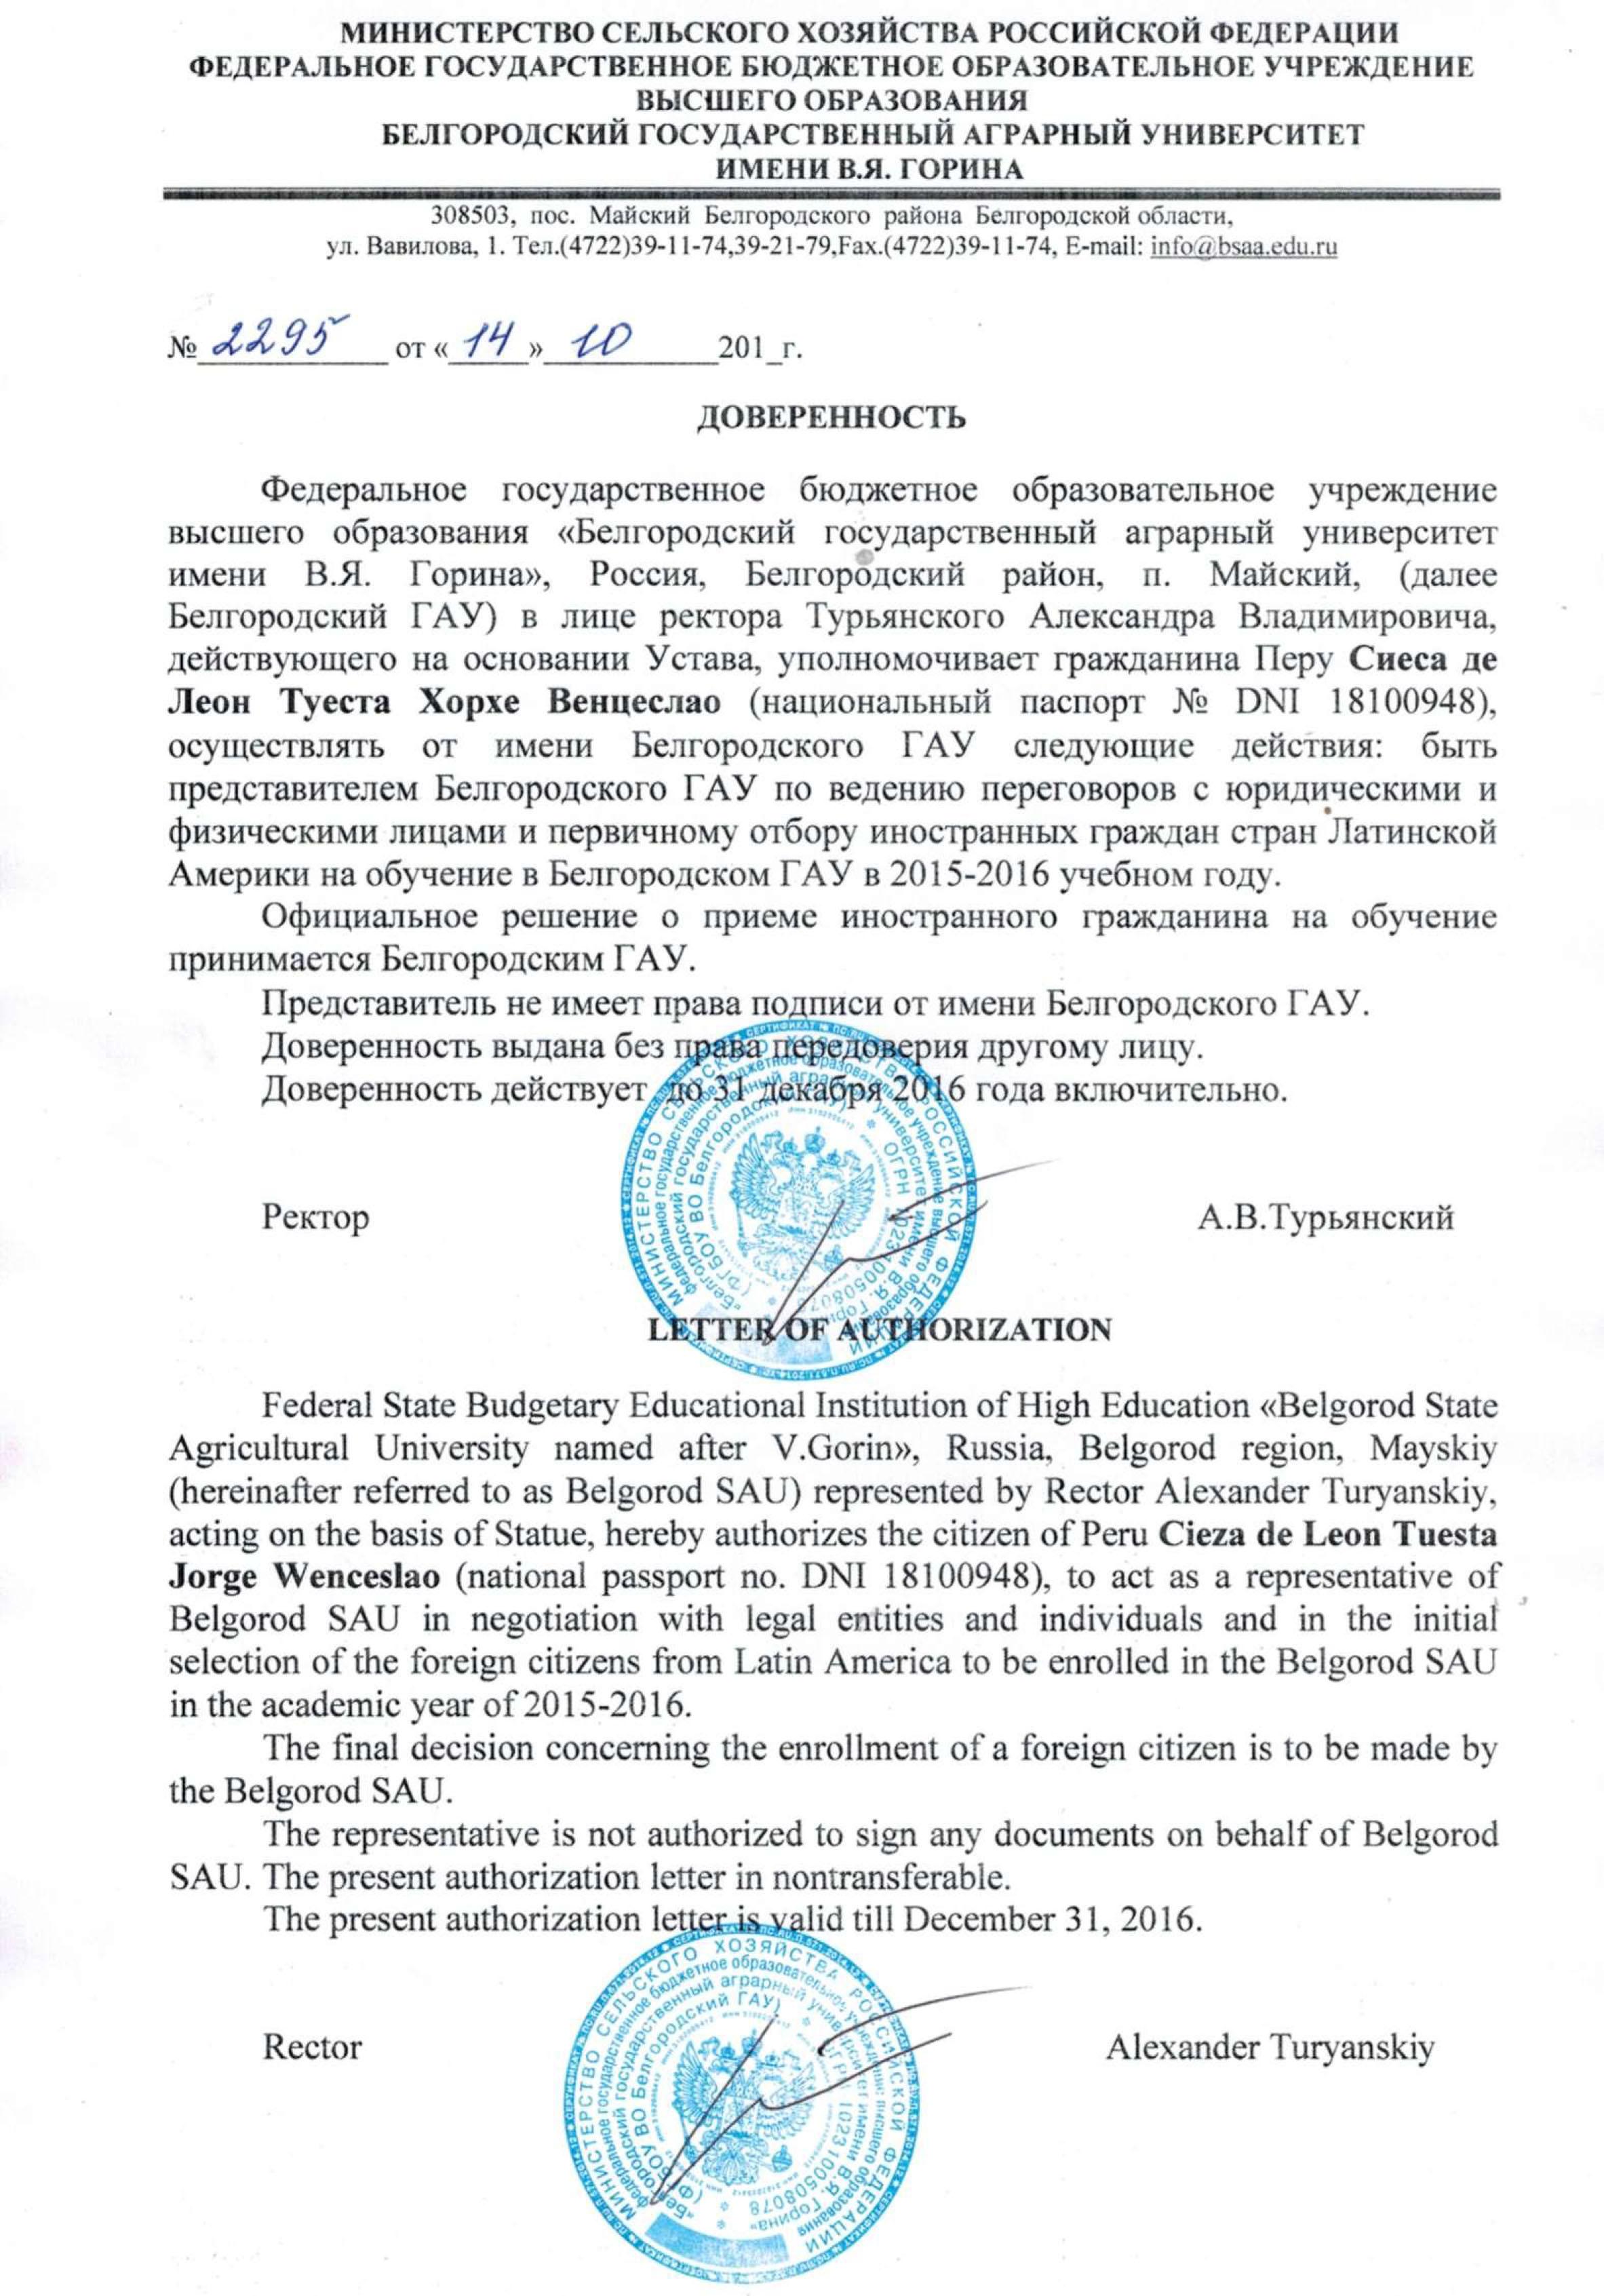 Convenio con la Universidad Agroindustrial de Belgorod (BelSXA)